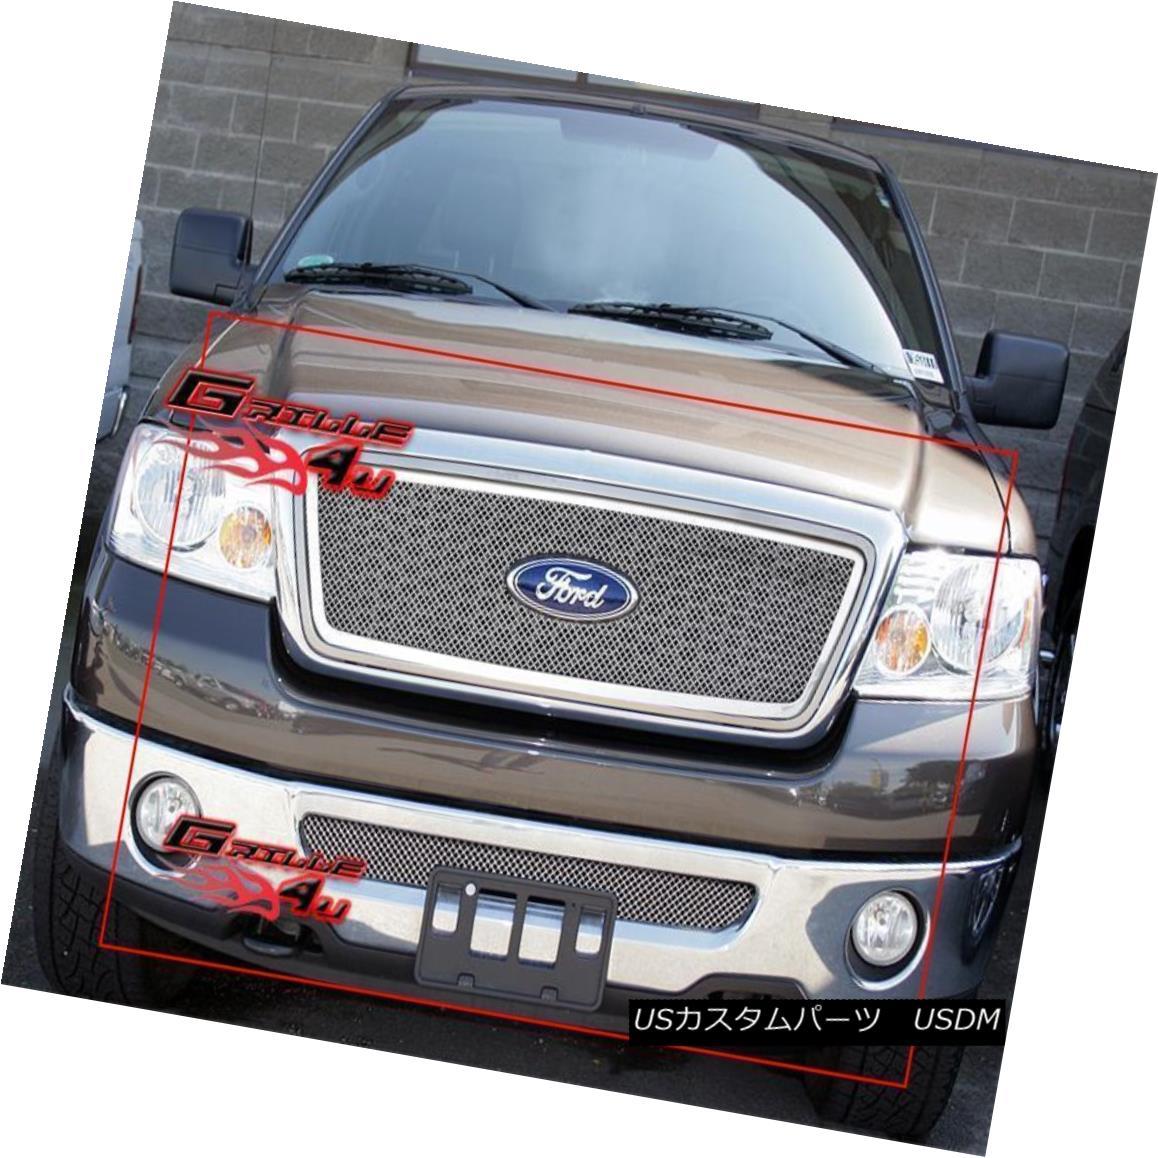 グリル 06-08 Ford F-150 Honeycomb Style Stainless Steel Wire Mesh Grille Combo Insert 06-08フォードF-150ハニカムスタイルのステンレススチールワイヤーメッシュグリルコンボインサート